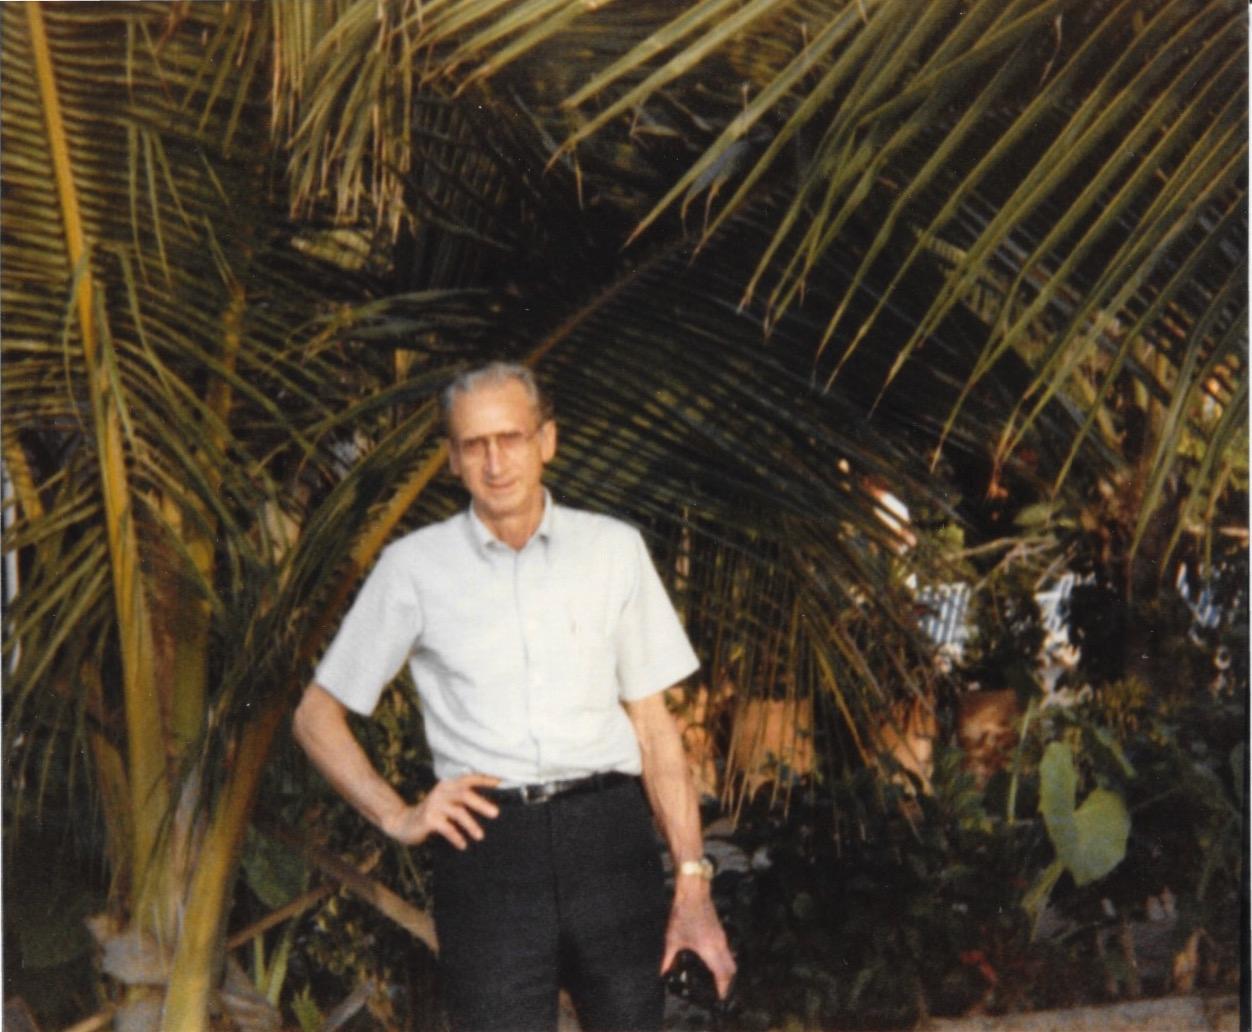 Golden Richard Dunn